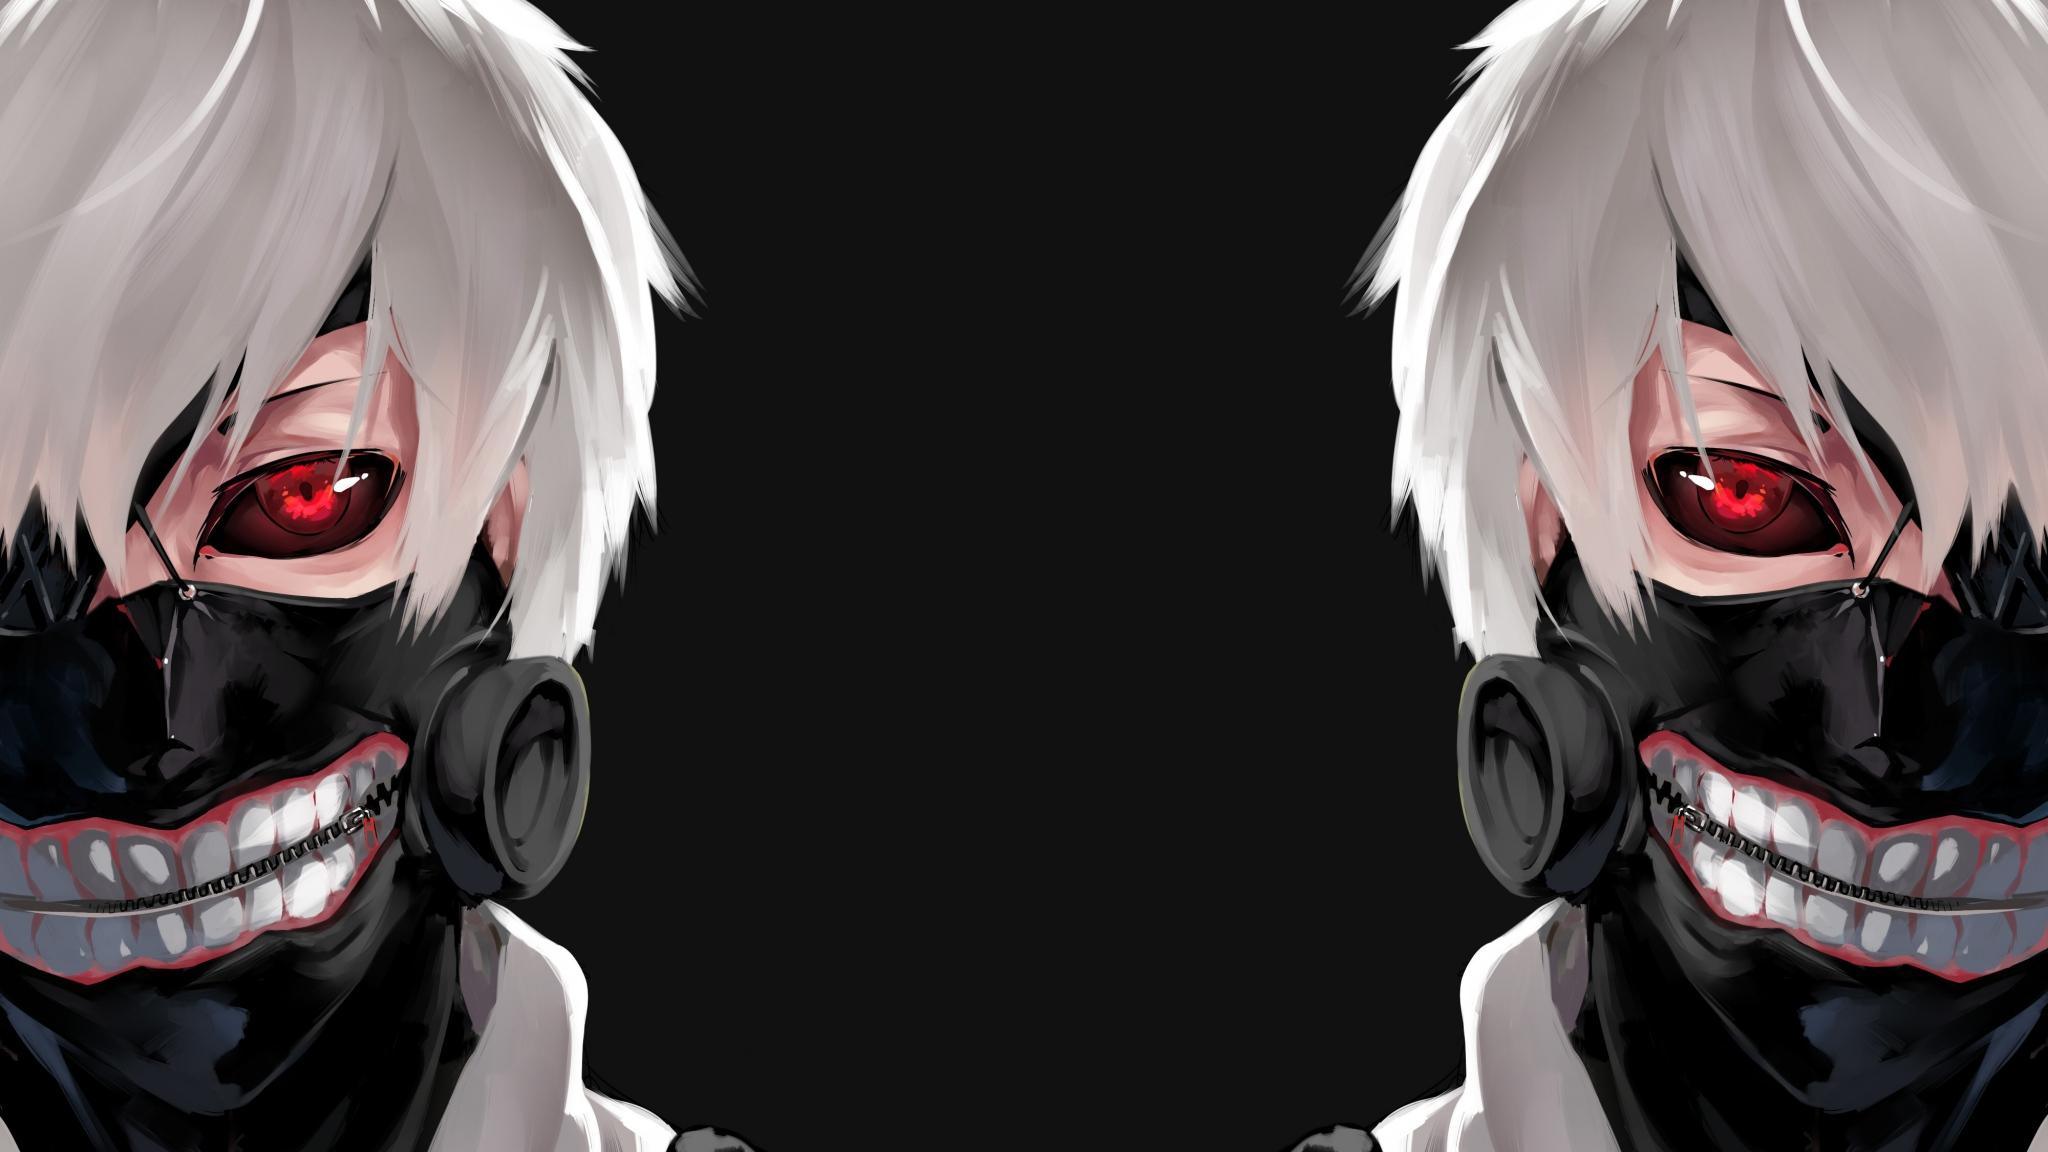 tokyo_ghoul_kaneki_ken_man_mask_face_103260_2048x1152.jpg